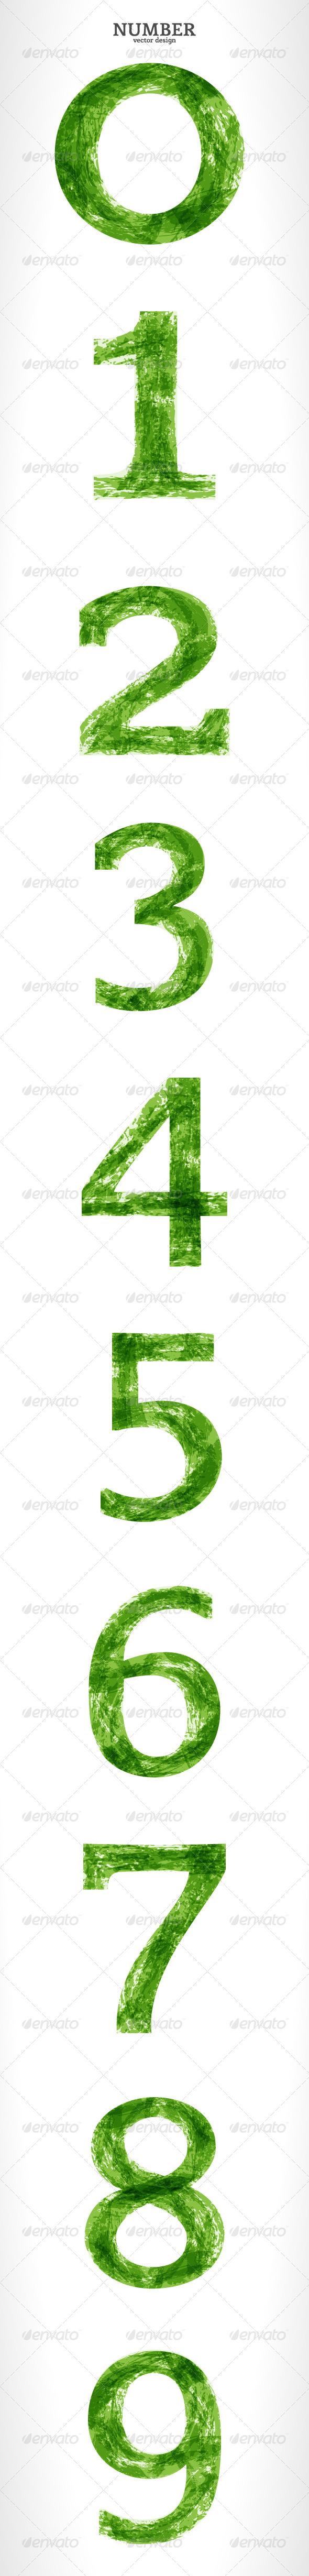 Grunge Vector Number - Decorative Vectors